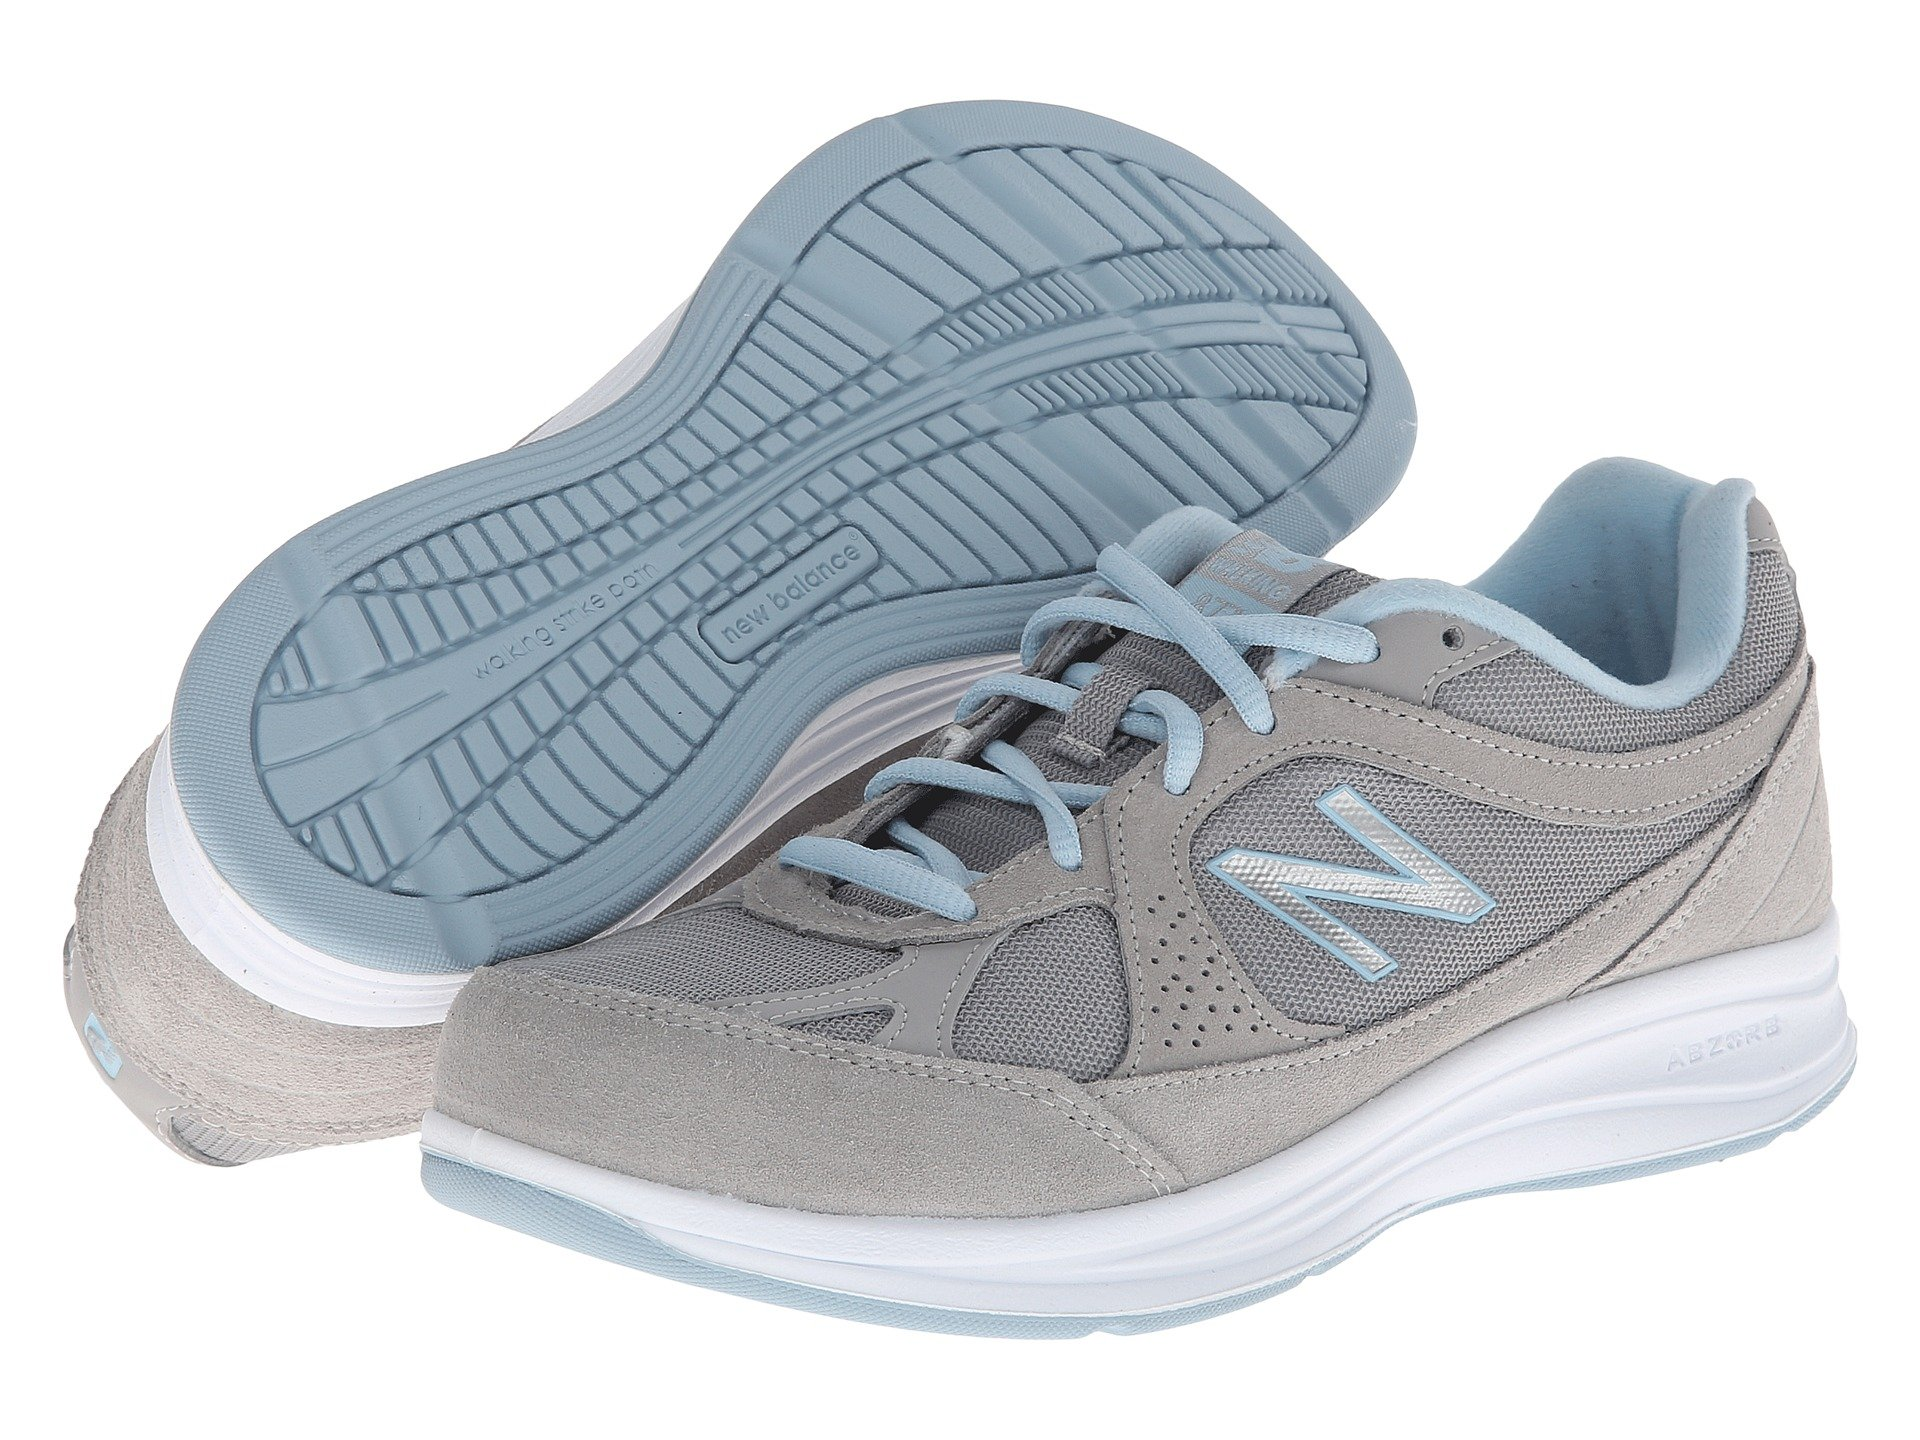 Balance New New Ww877 Balance New Balance Ww877 Silver Silver wqH7RxnYC